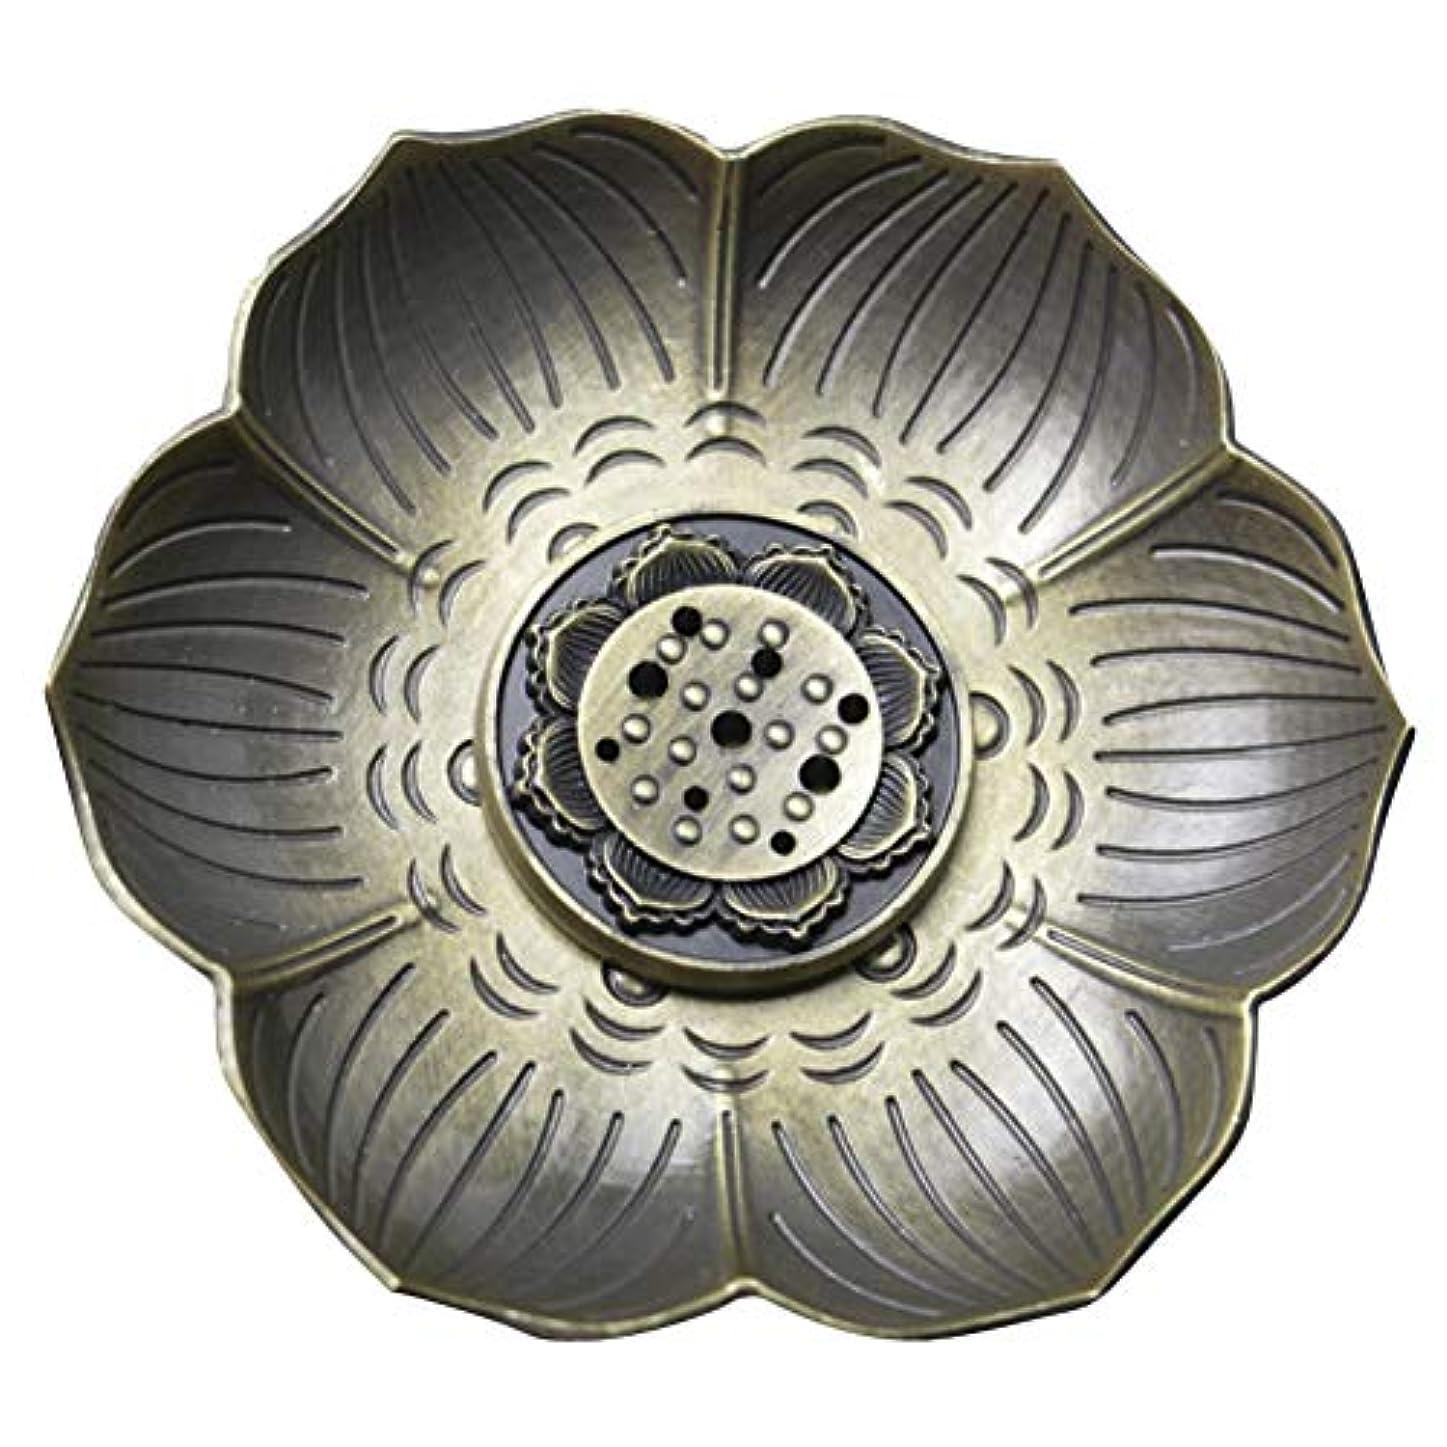 肥料リーガン固める(イスイ)YISHUI 線香立 線香皿 香皿 香立て お香用具 お線香用可 アロマ香炉 梅の花 さくらHP0134 (梅の花B)